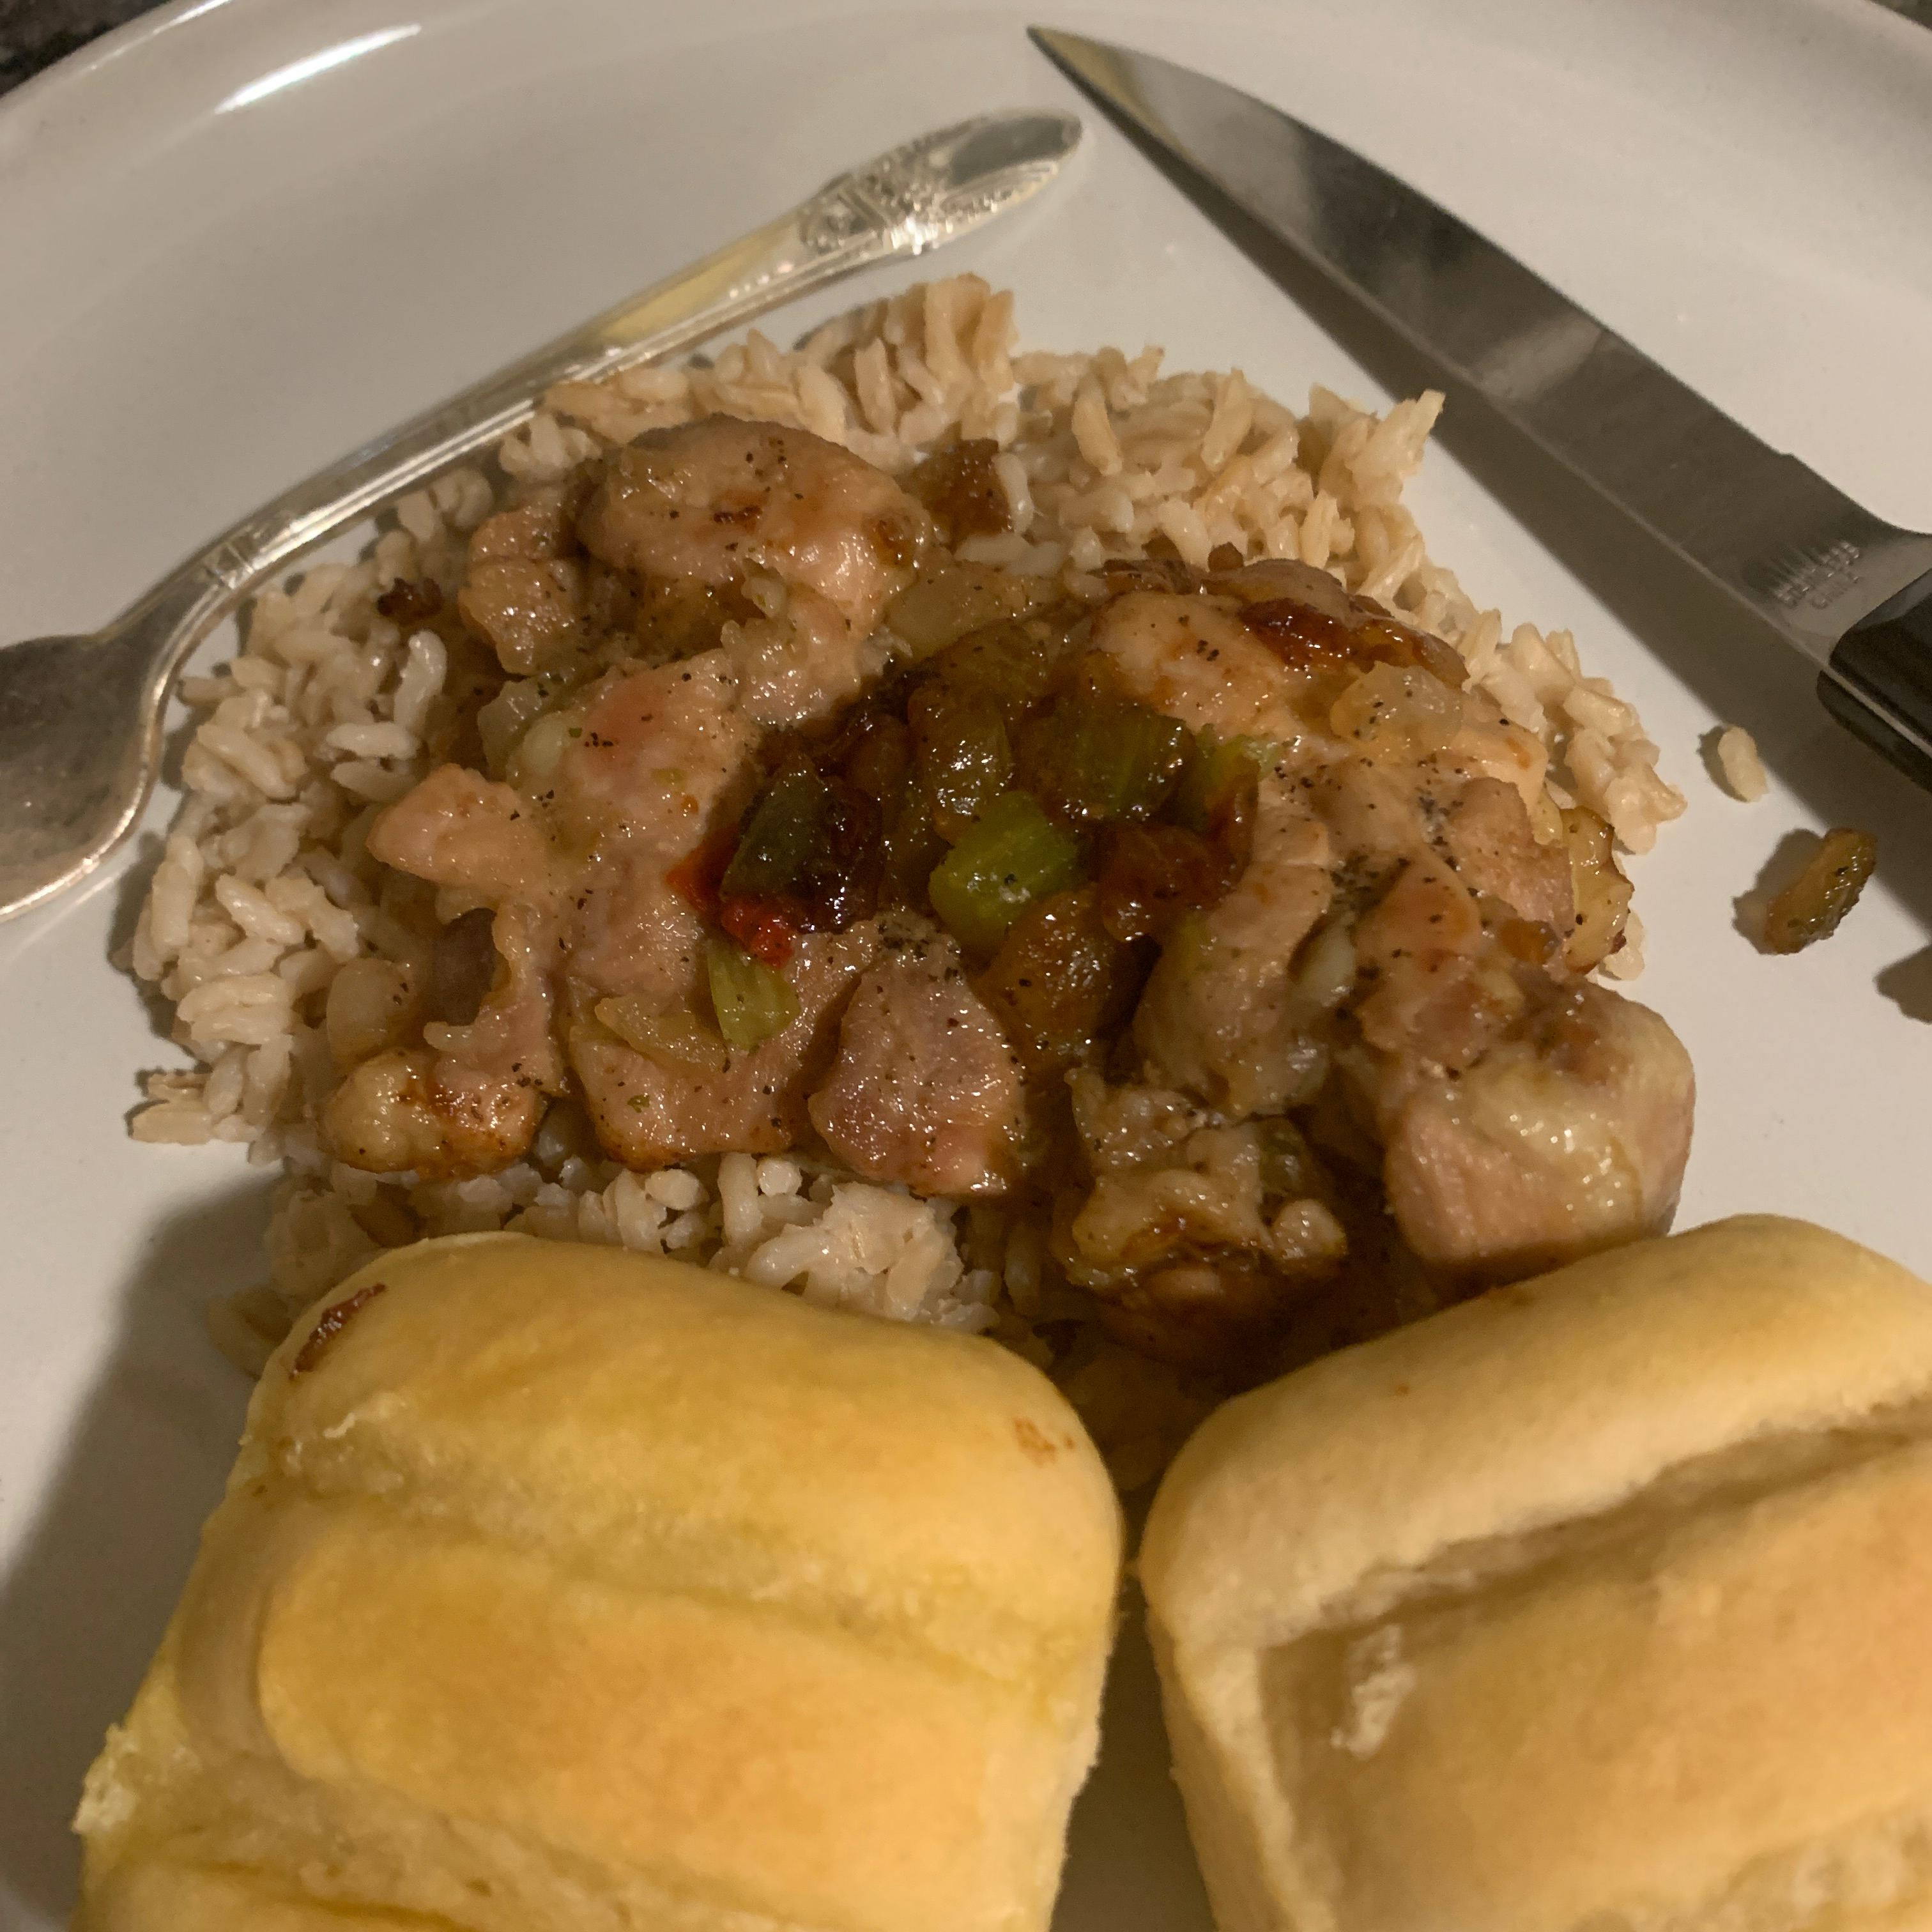 Pollo en Pipian (Chicken in Pipian Sauce)